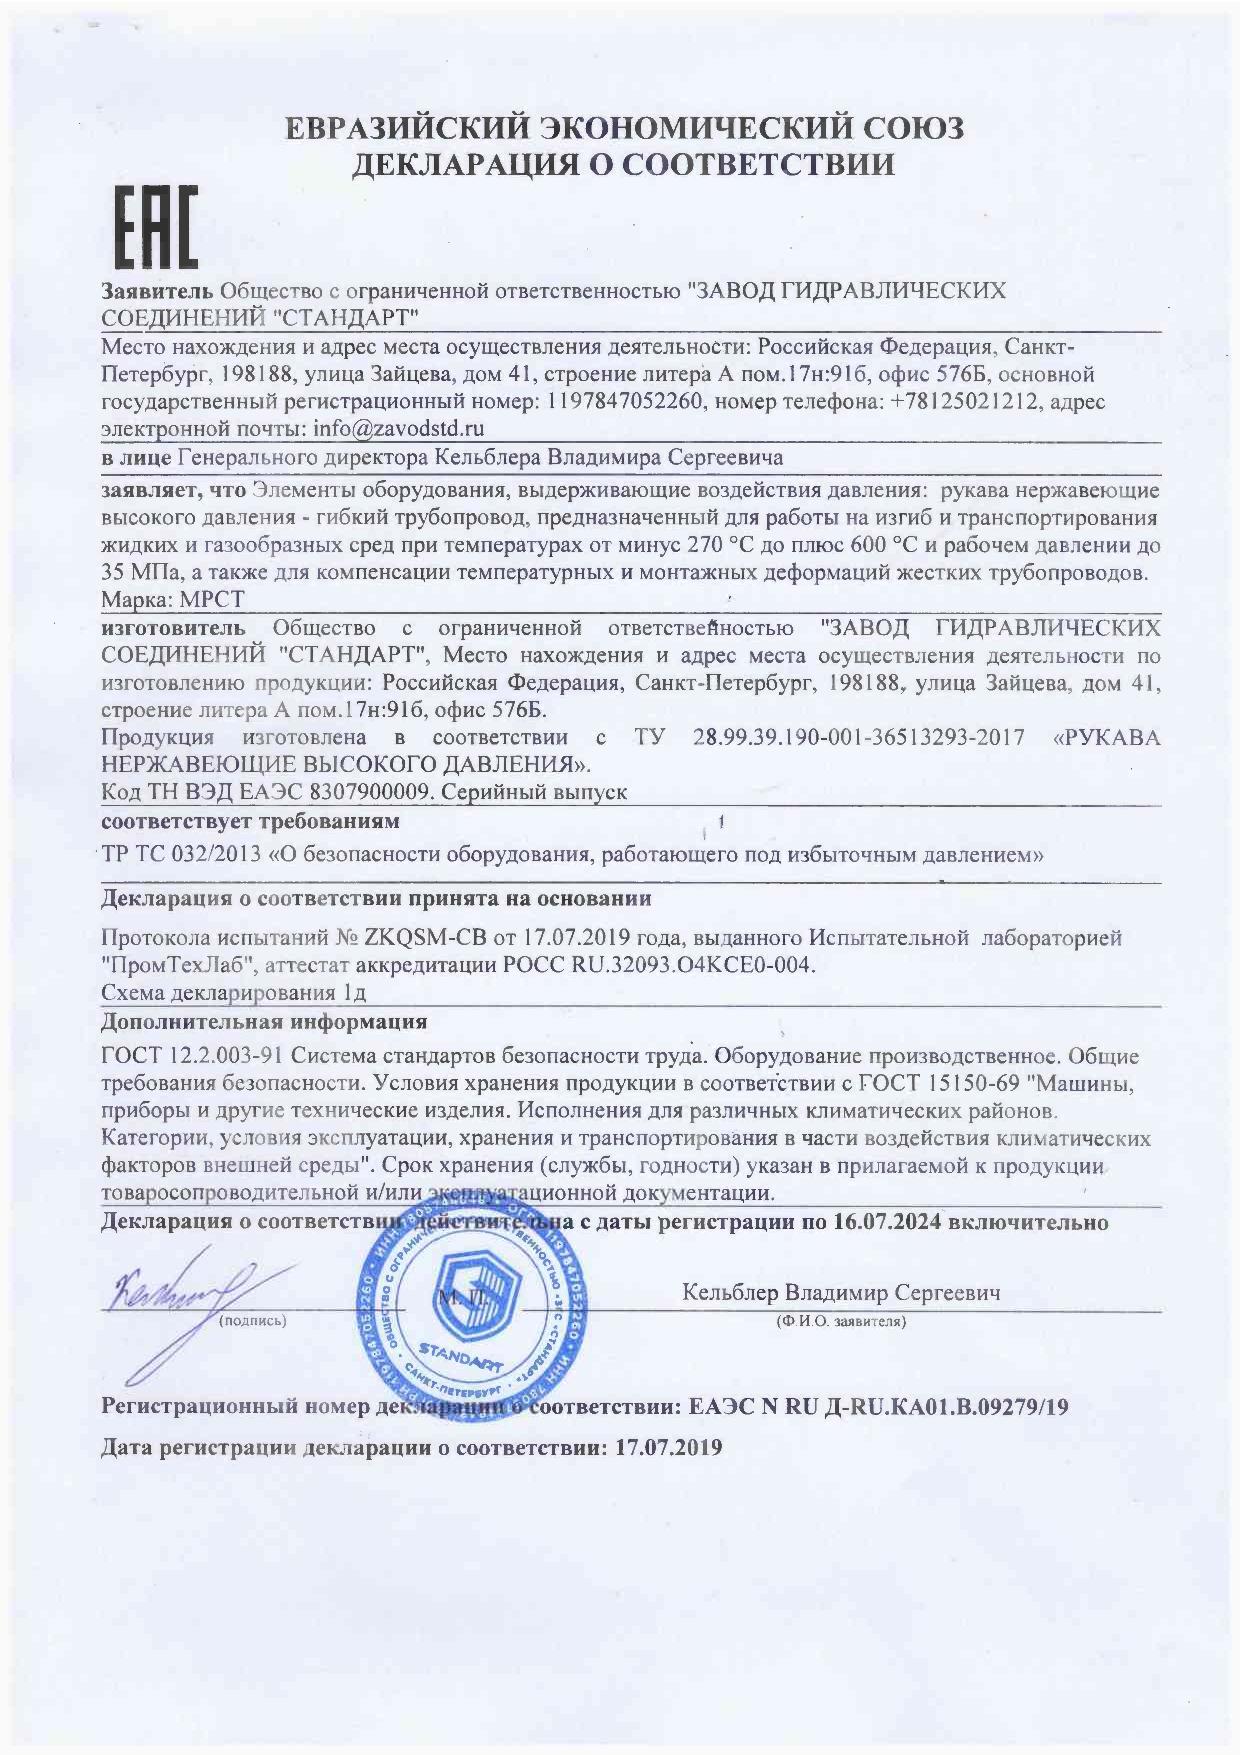 ЕЭС декларация  соответствия